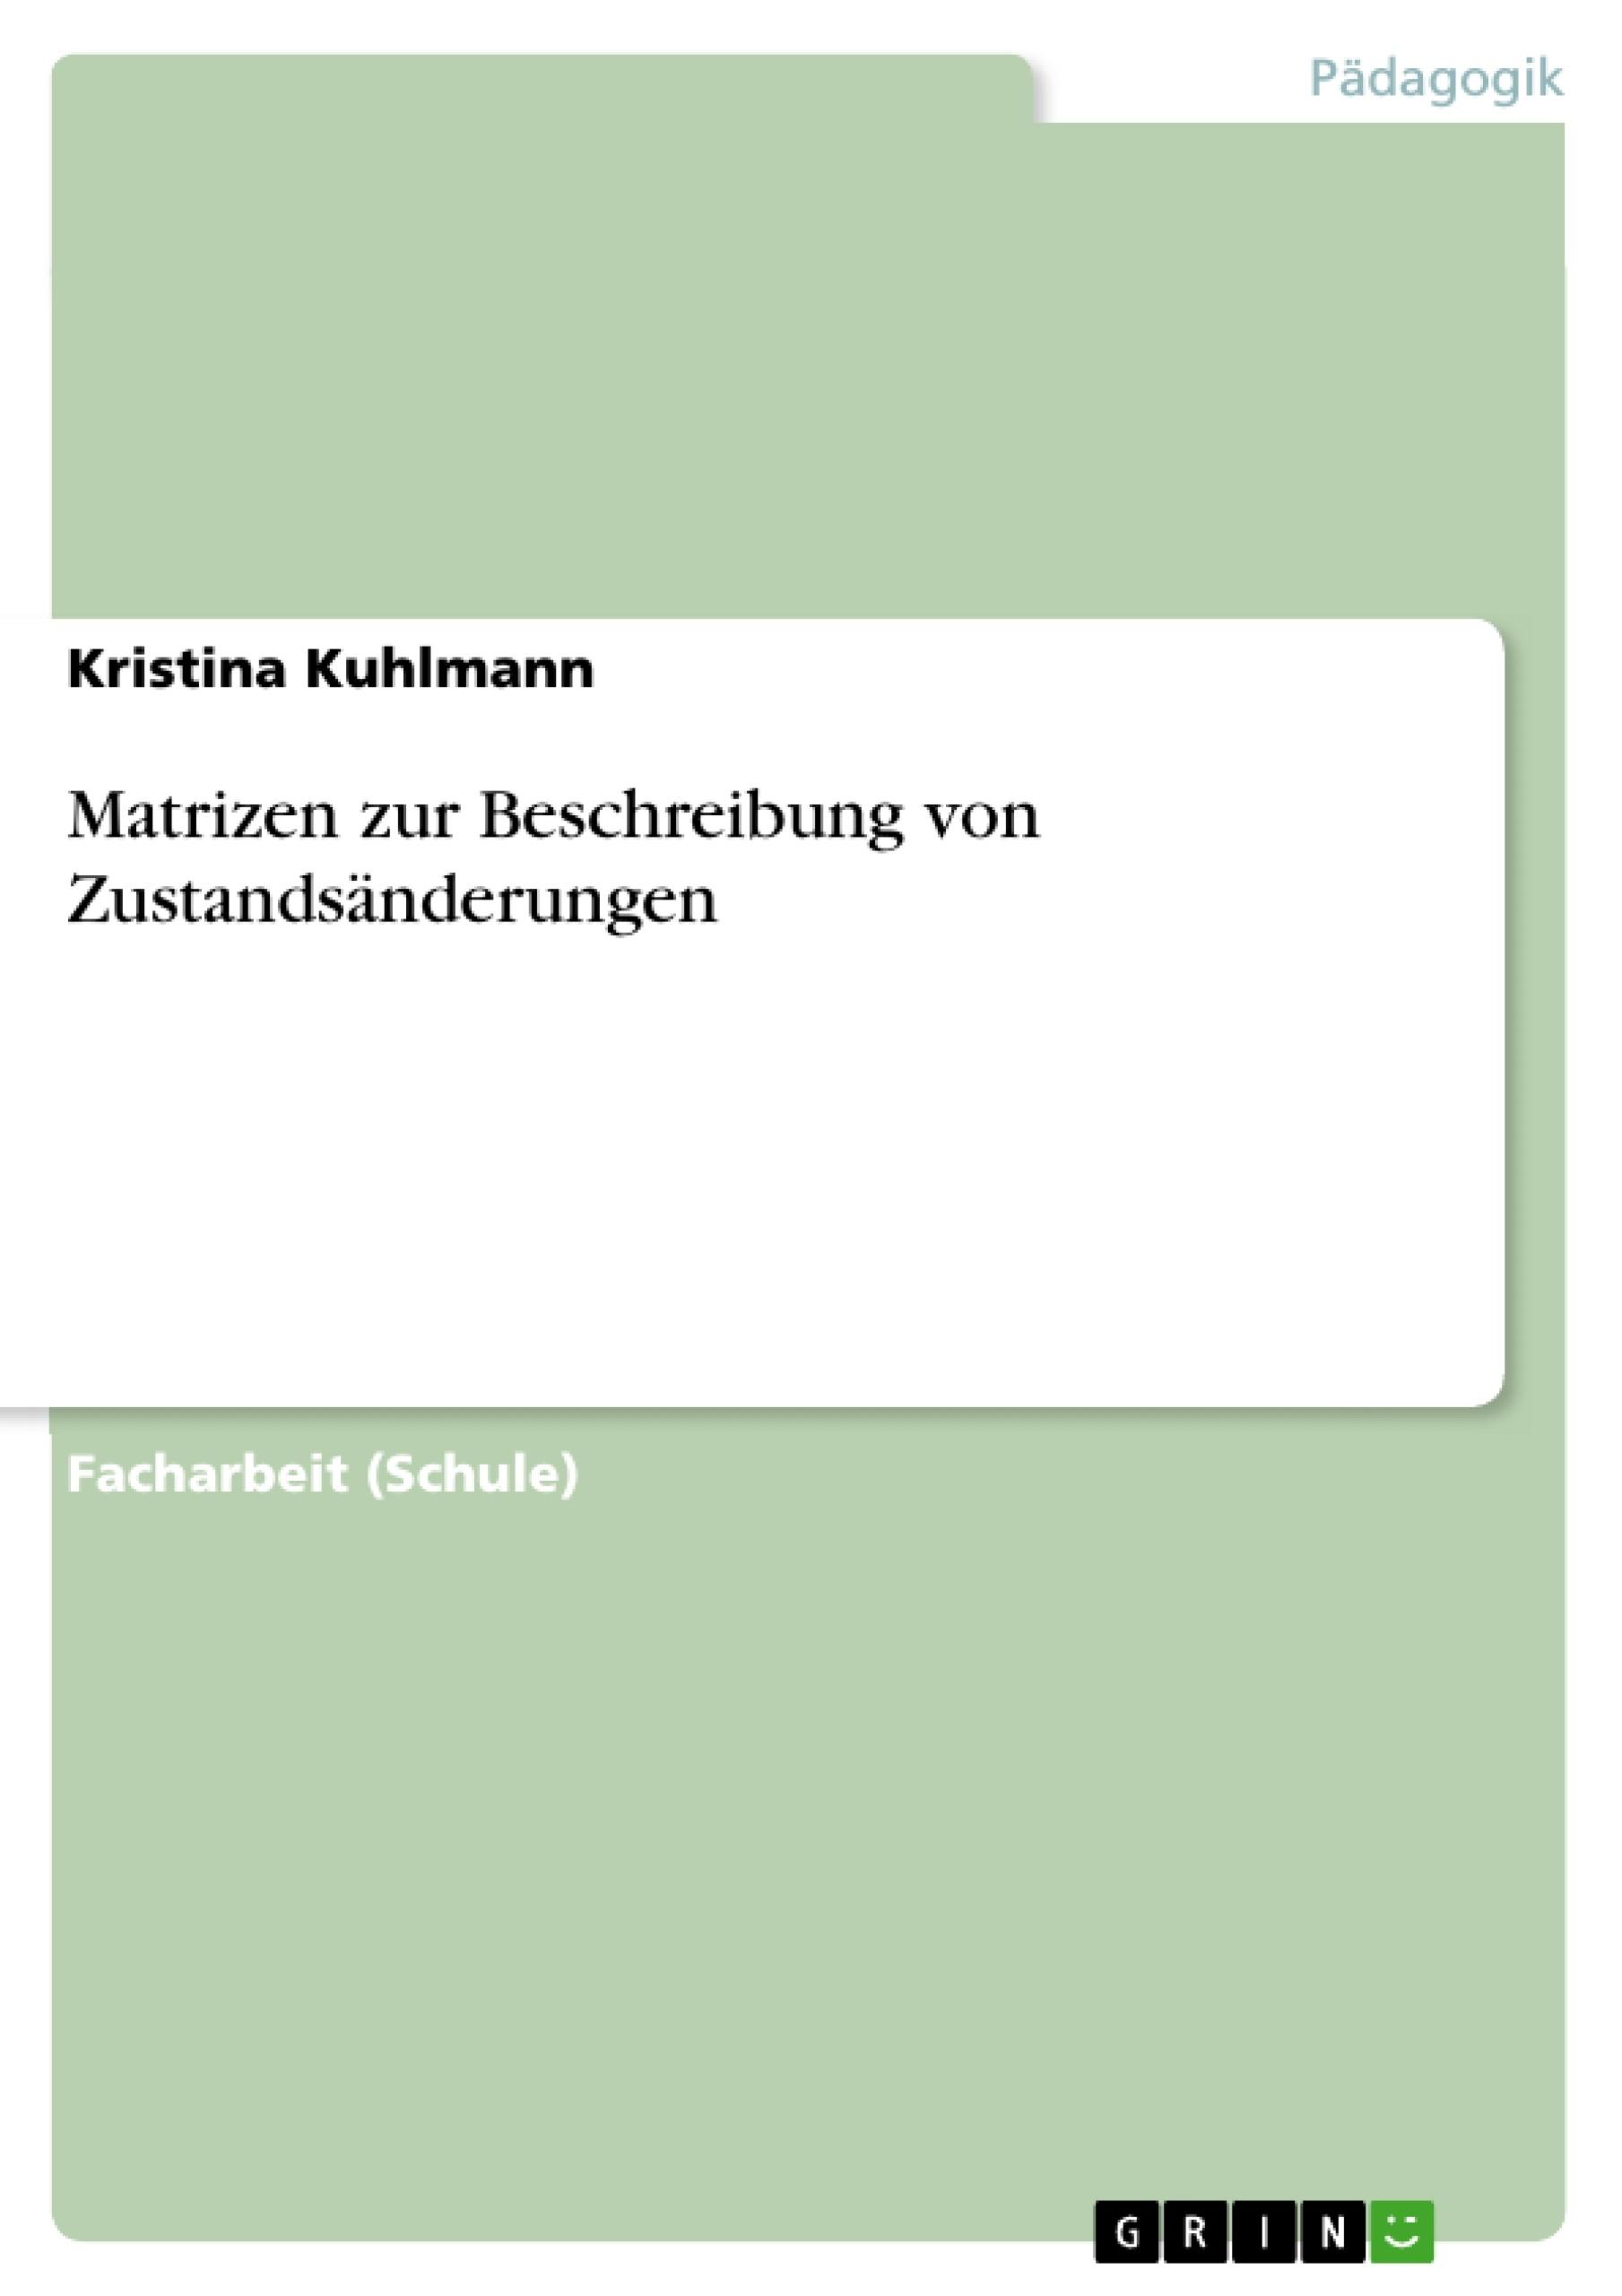 Titel: Matrizen zur Beschreibung von Zustandsänderungen